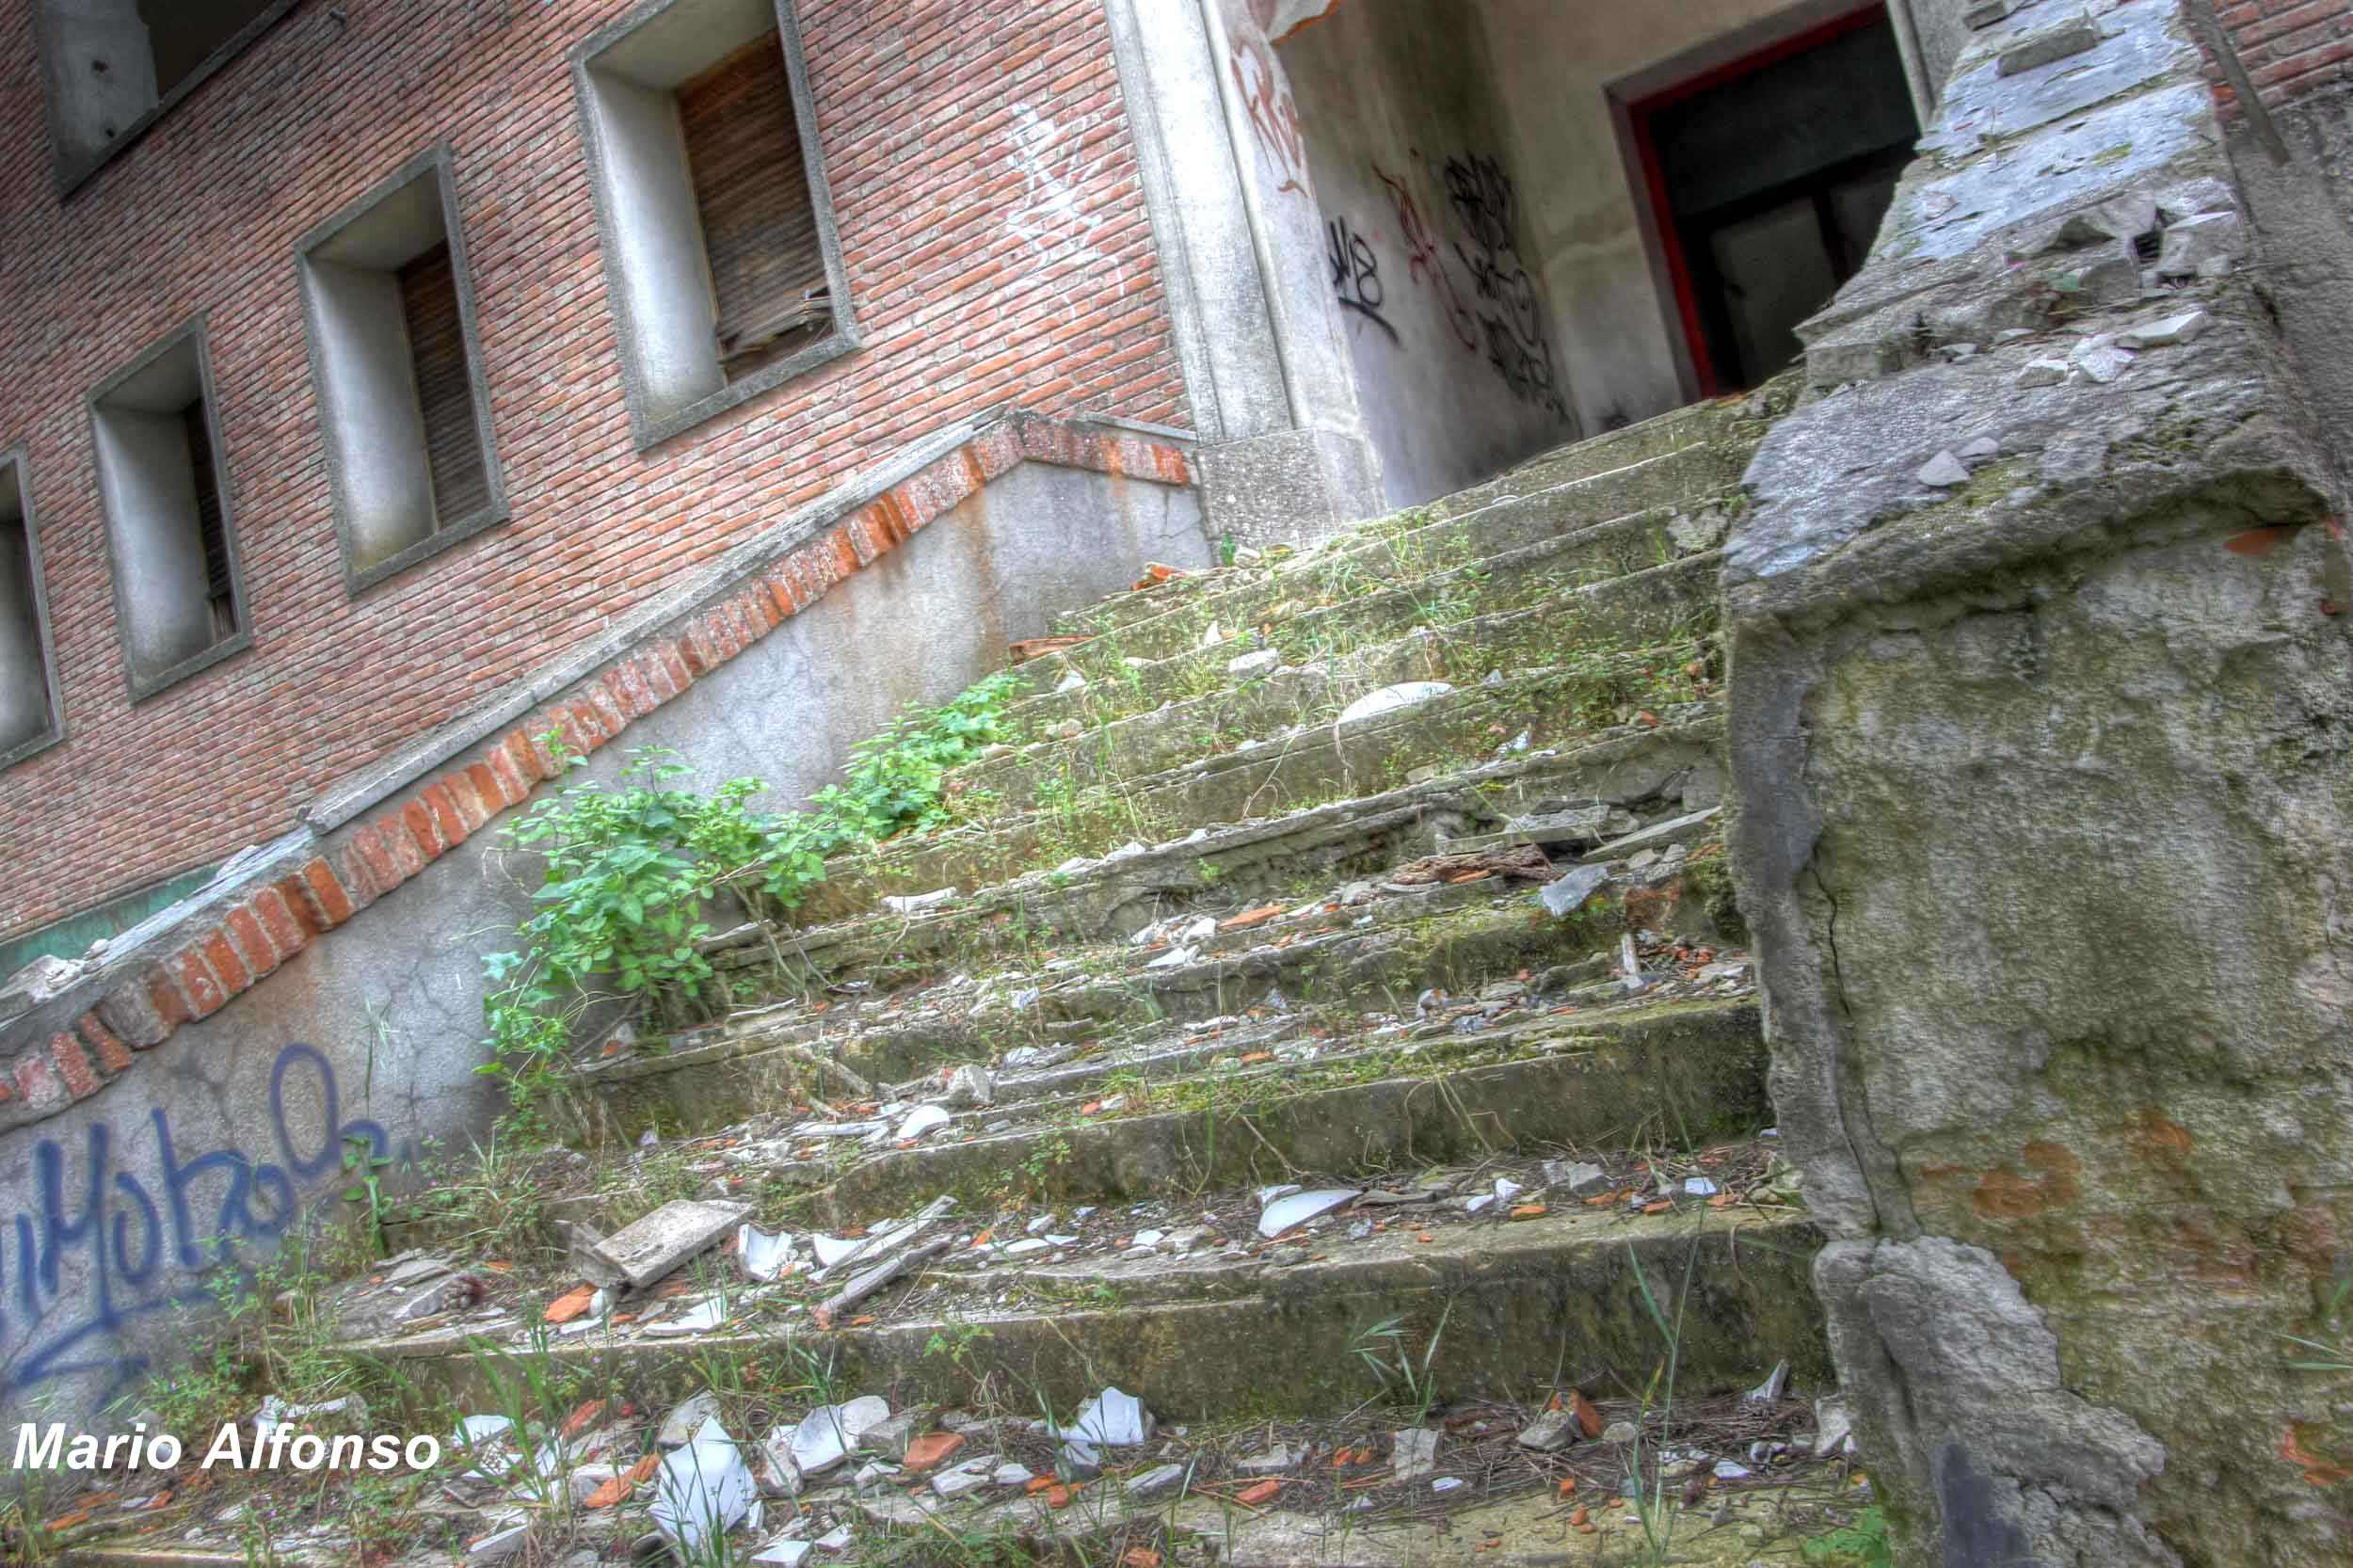 Boecillo Spain  City new picture : Hospital de Boecillo en Valladolid | lugares perdidos